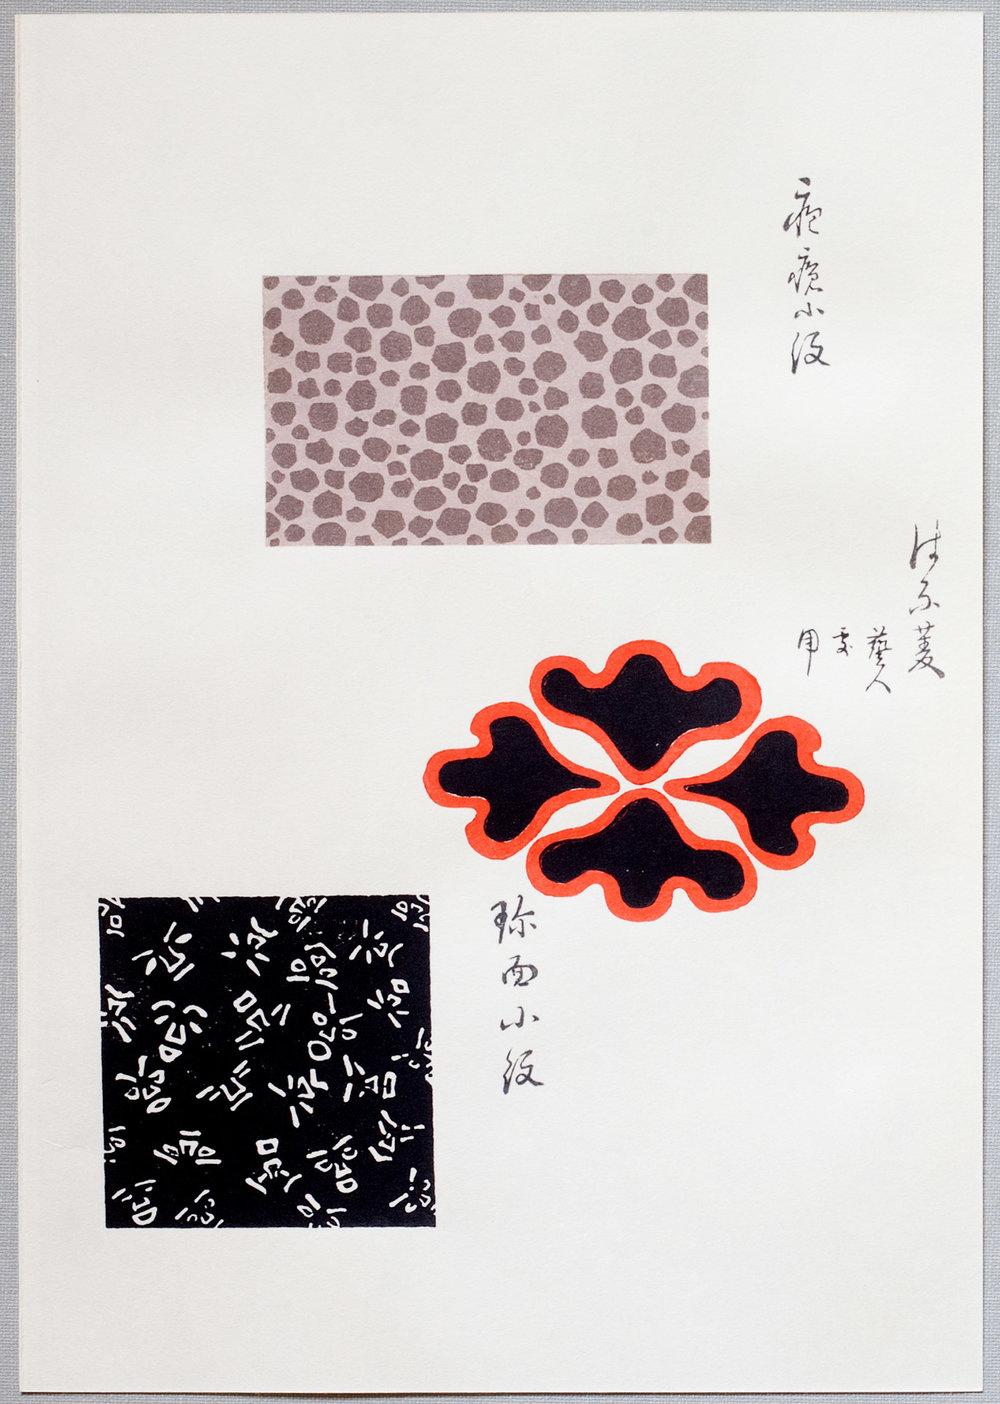 Sekka - Kokkei-Zuan